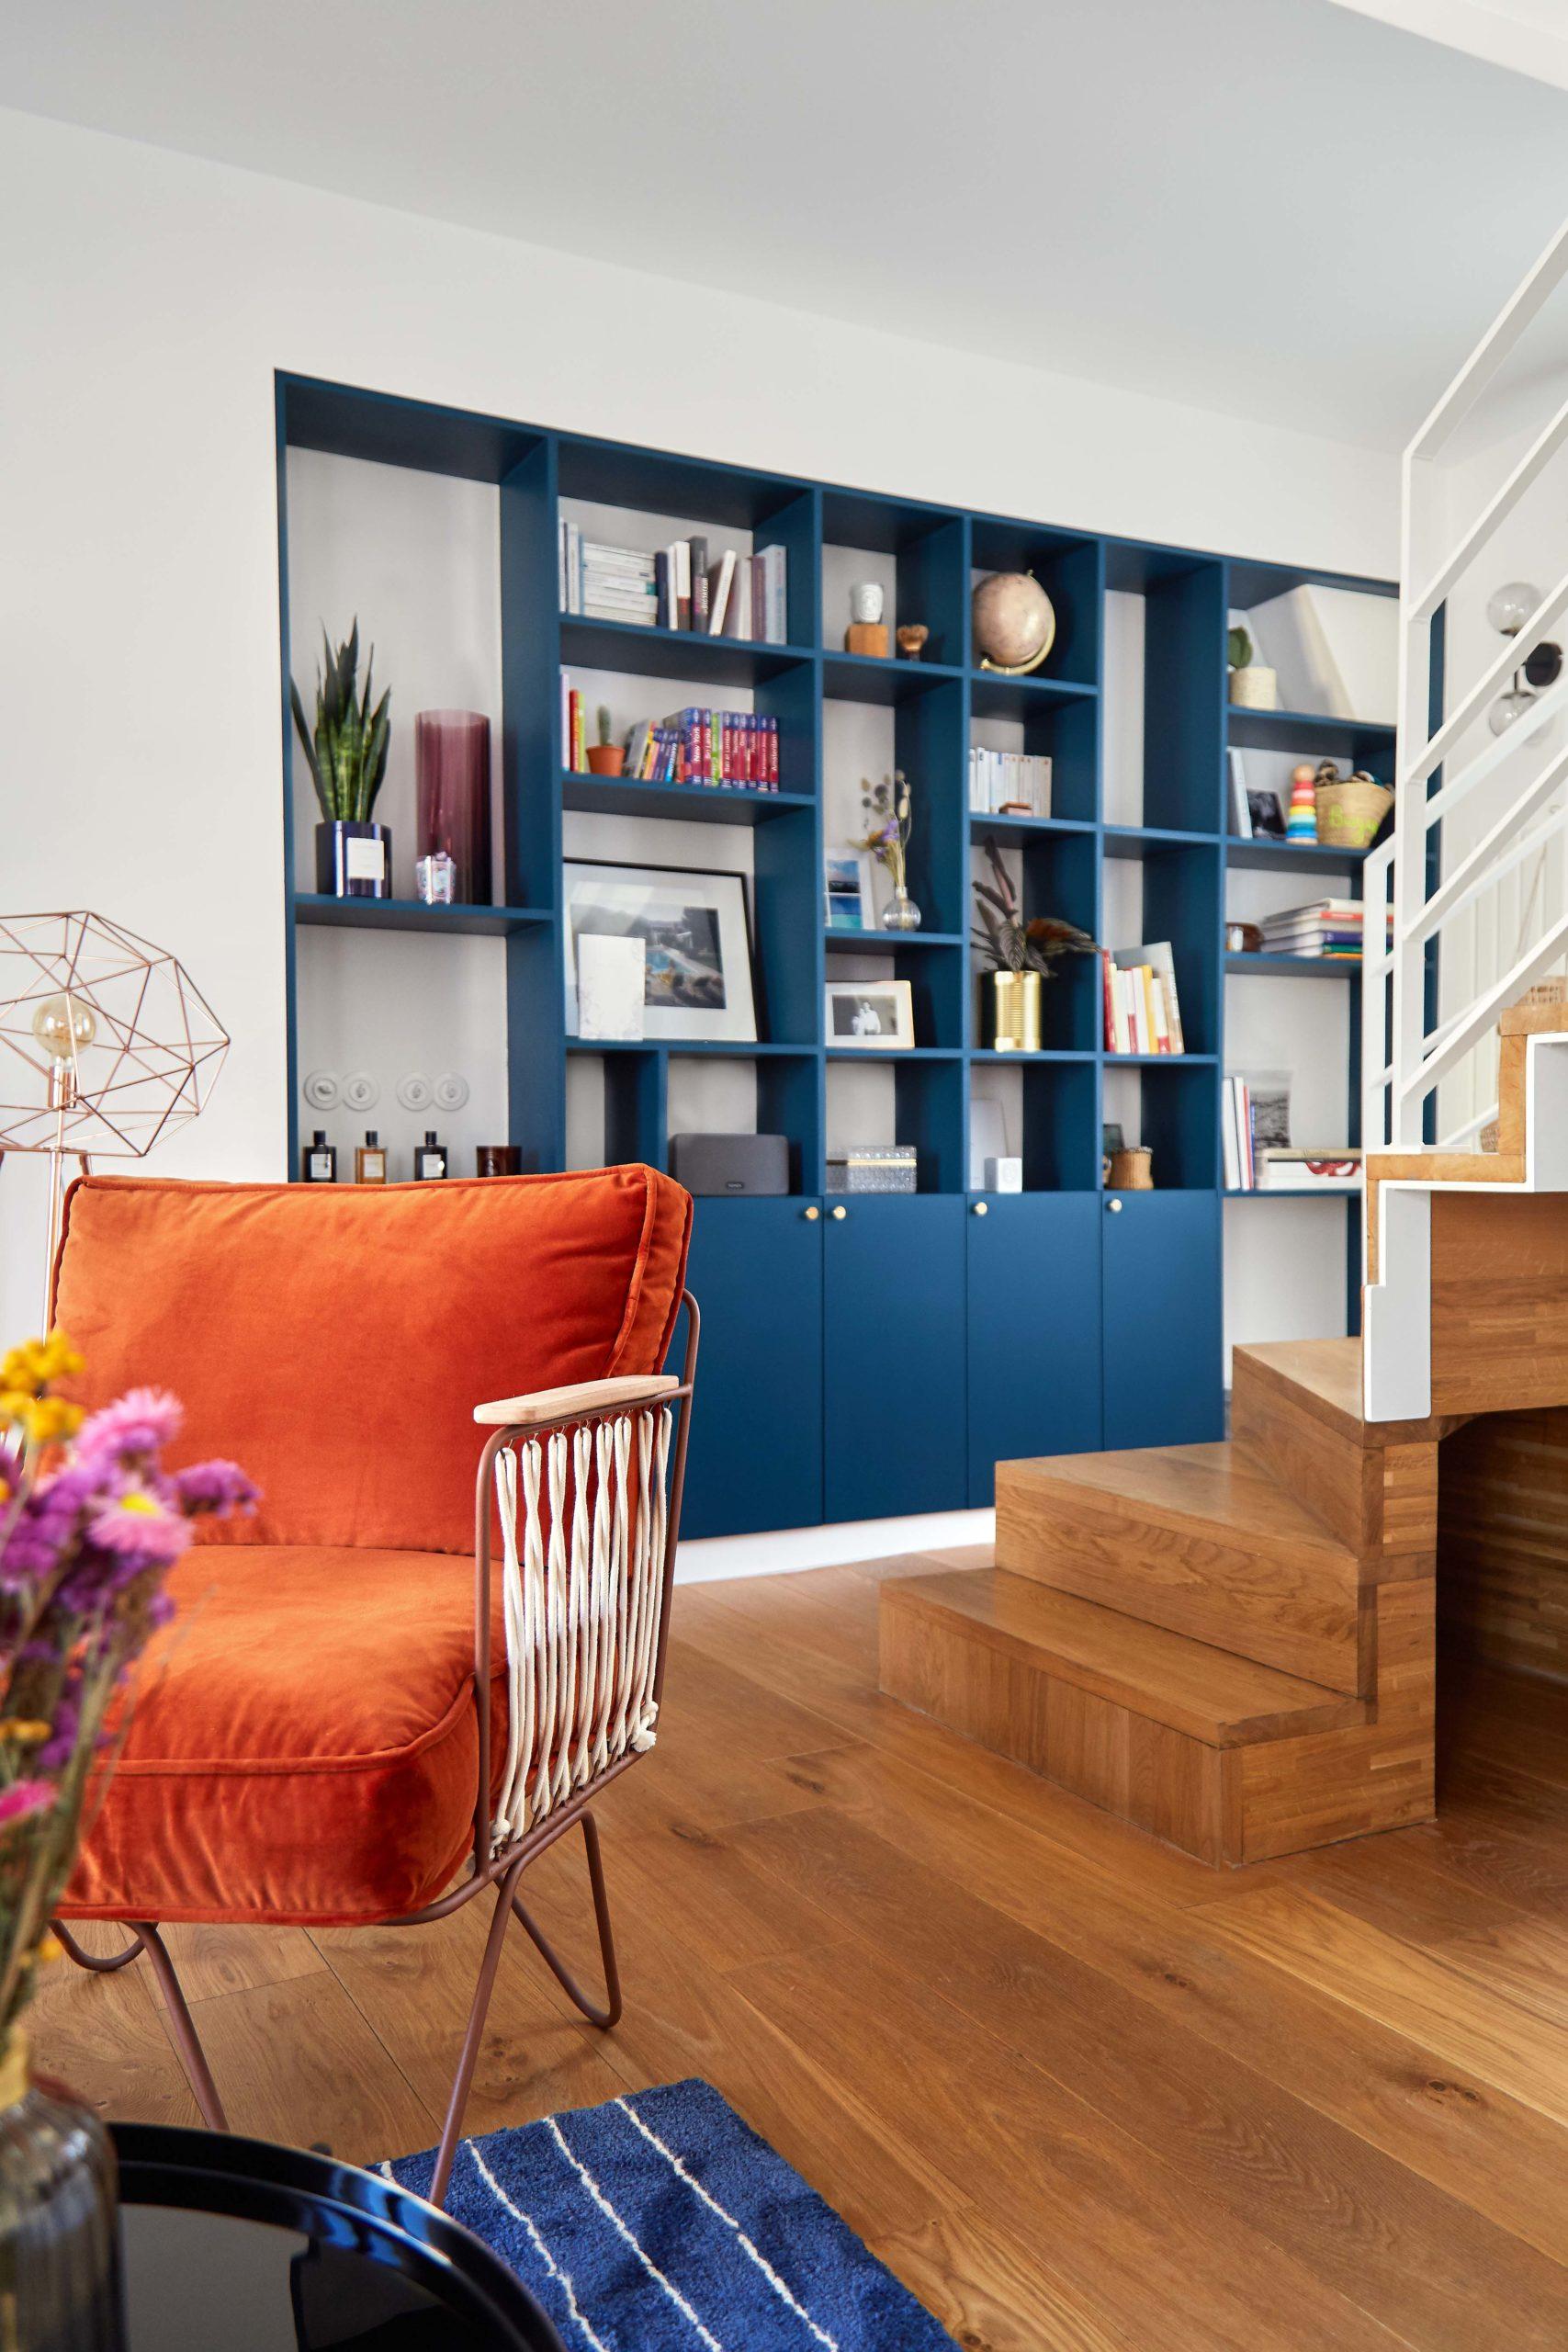 salon avec bibliothèque sur-mesure bleu nuit murs et merveilles